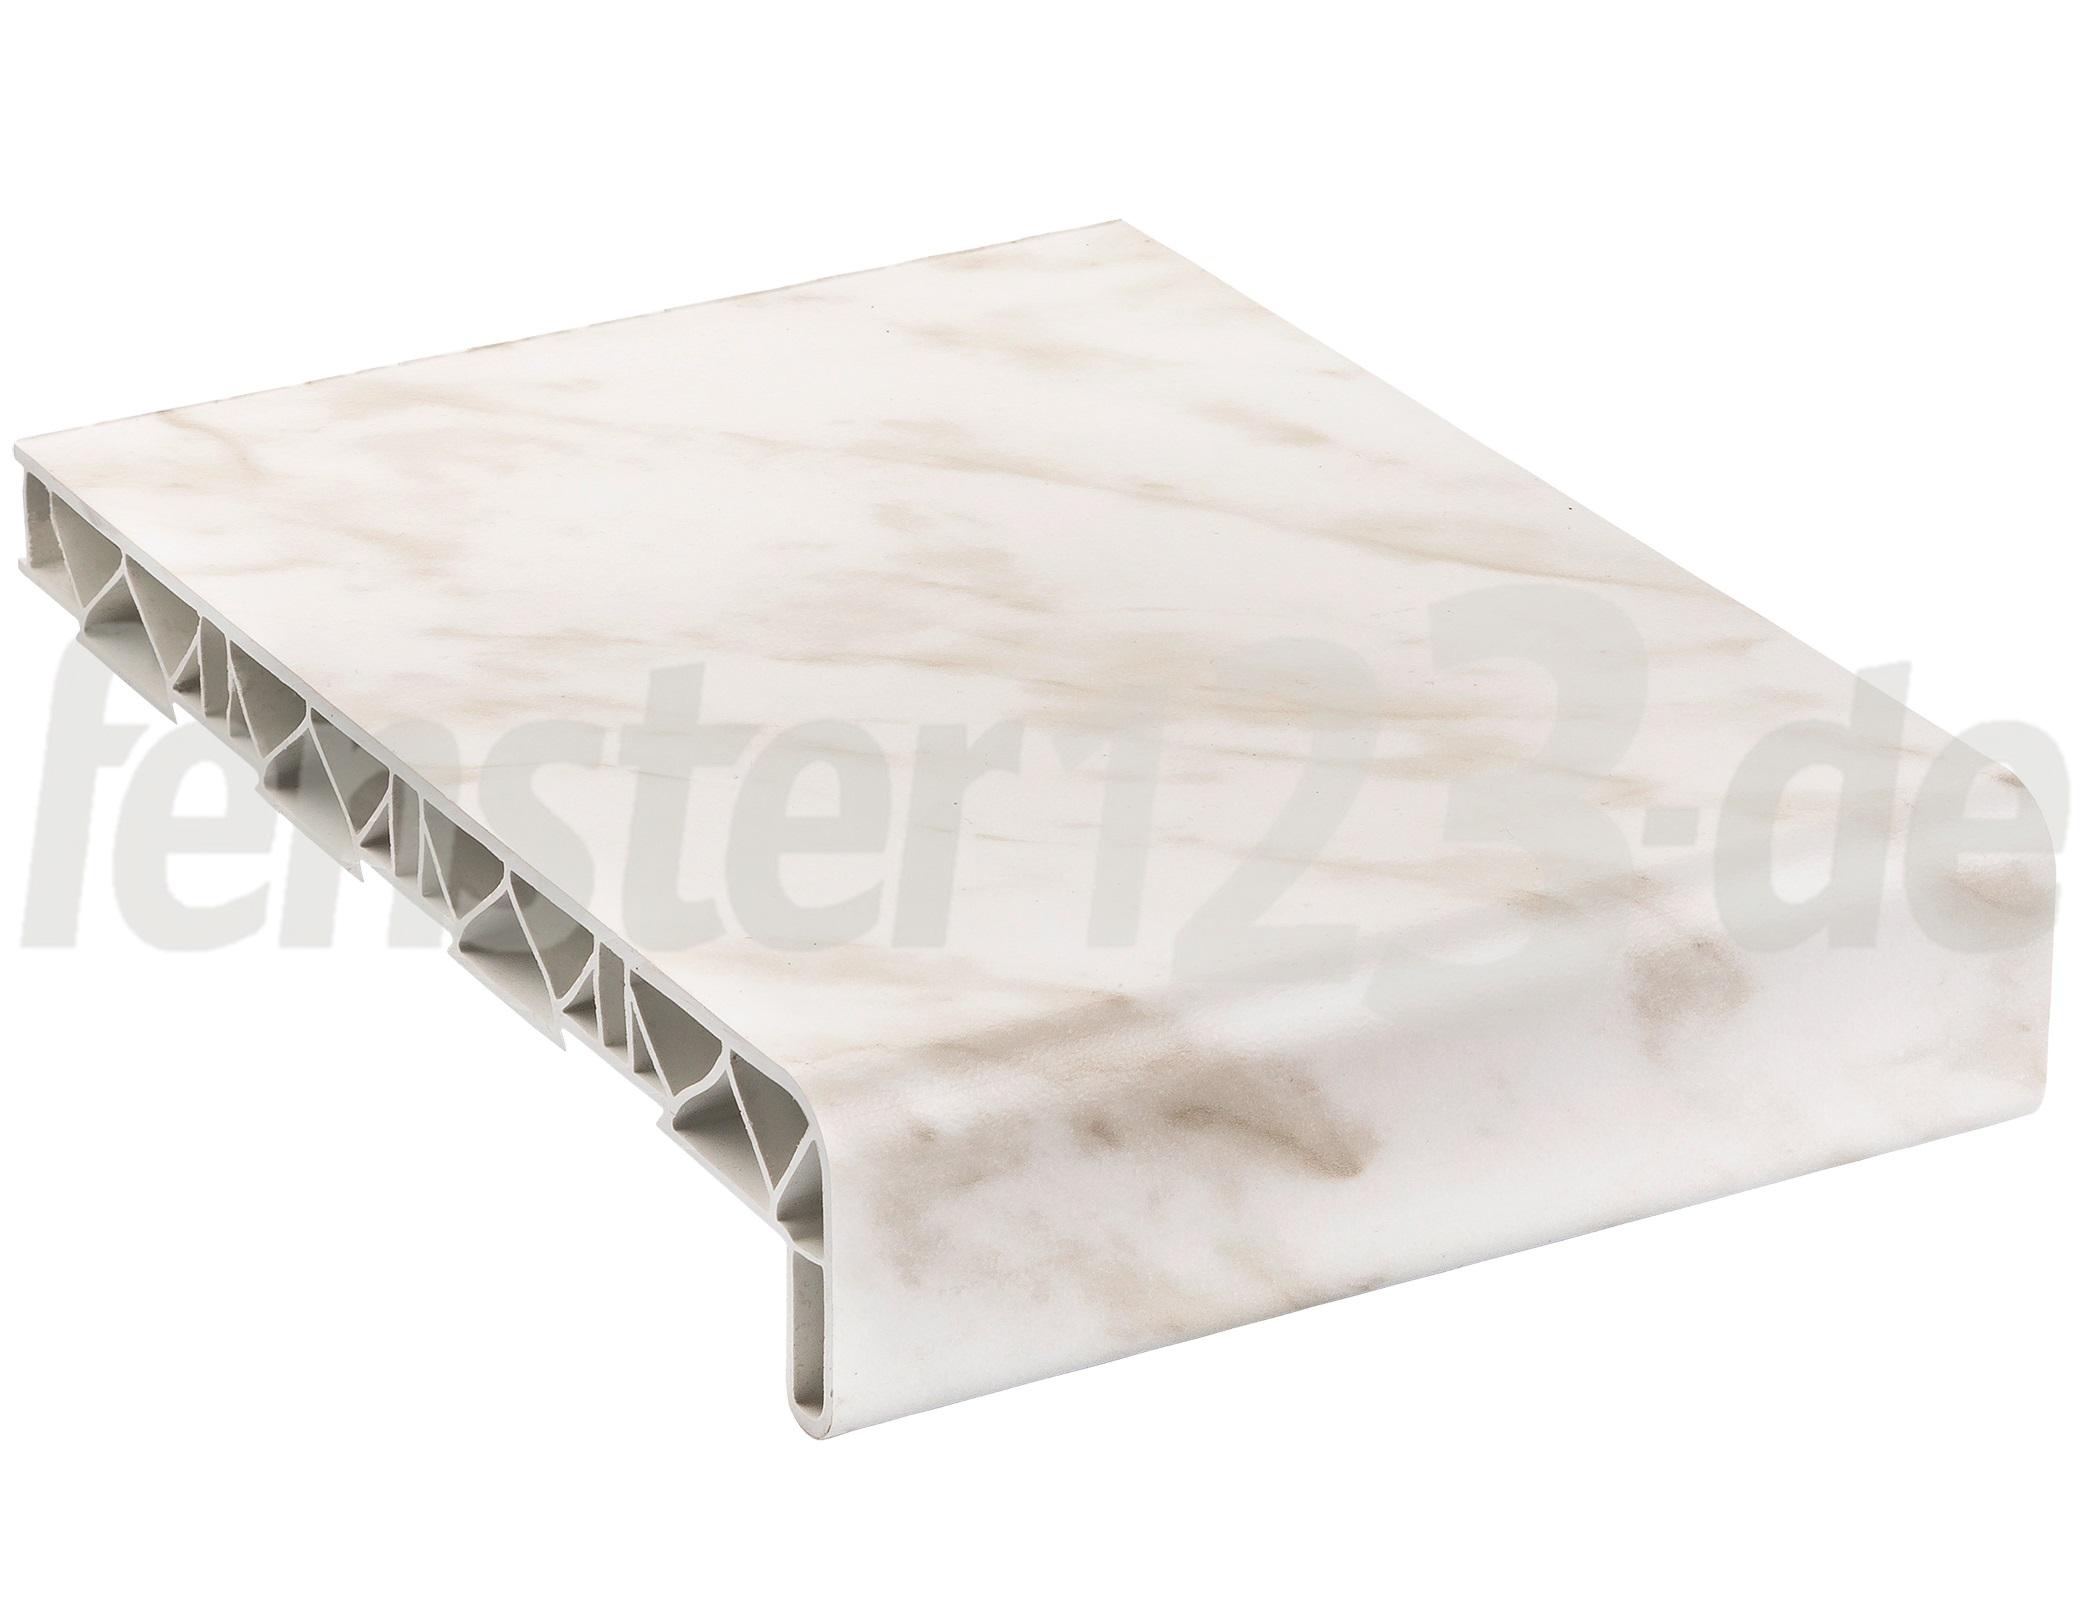 Fensterbank innen marmor alle Längen & Tiefen PVC inkl. Endkappen ...